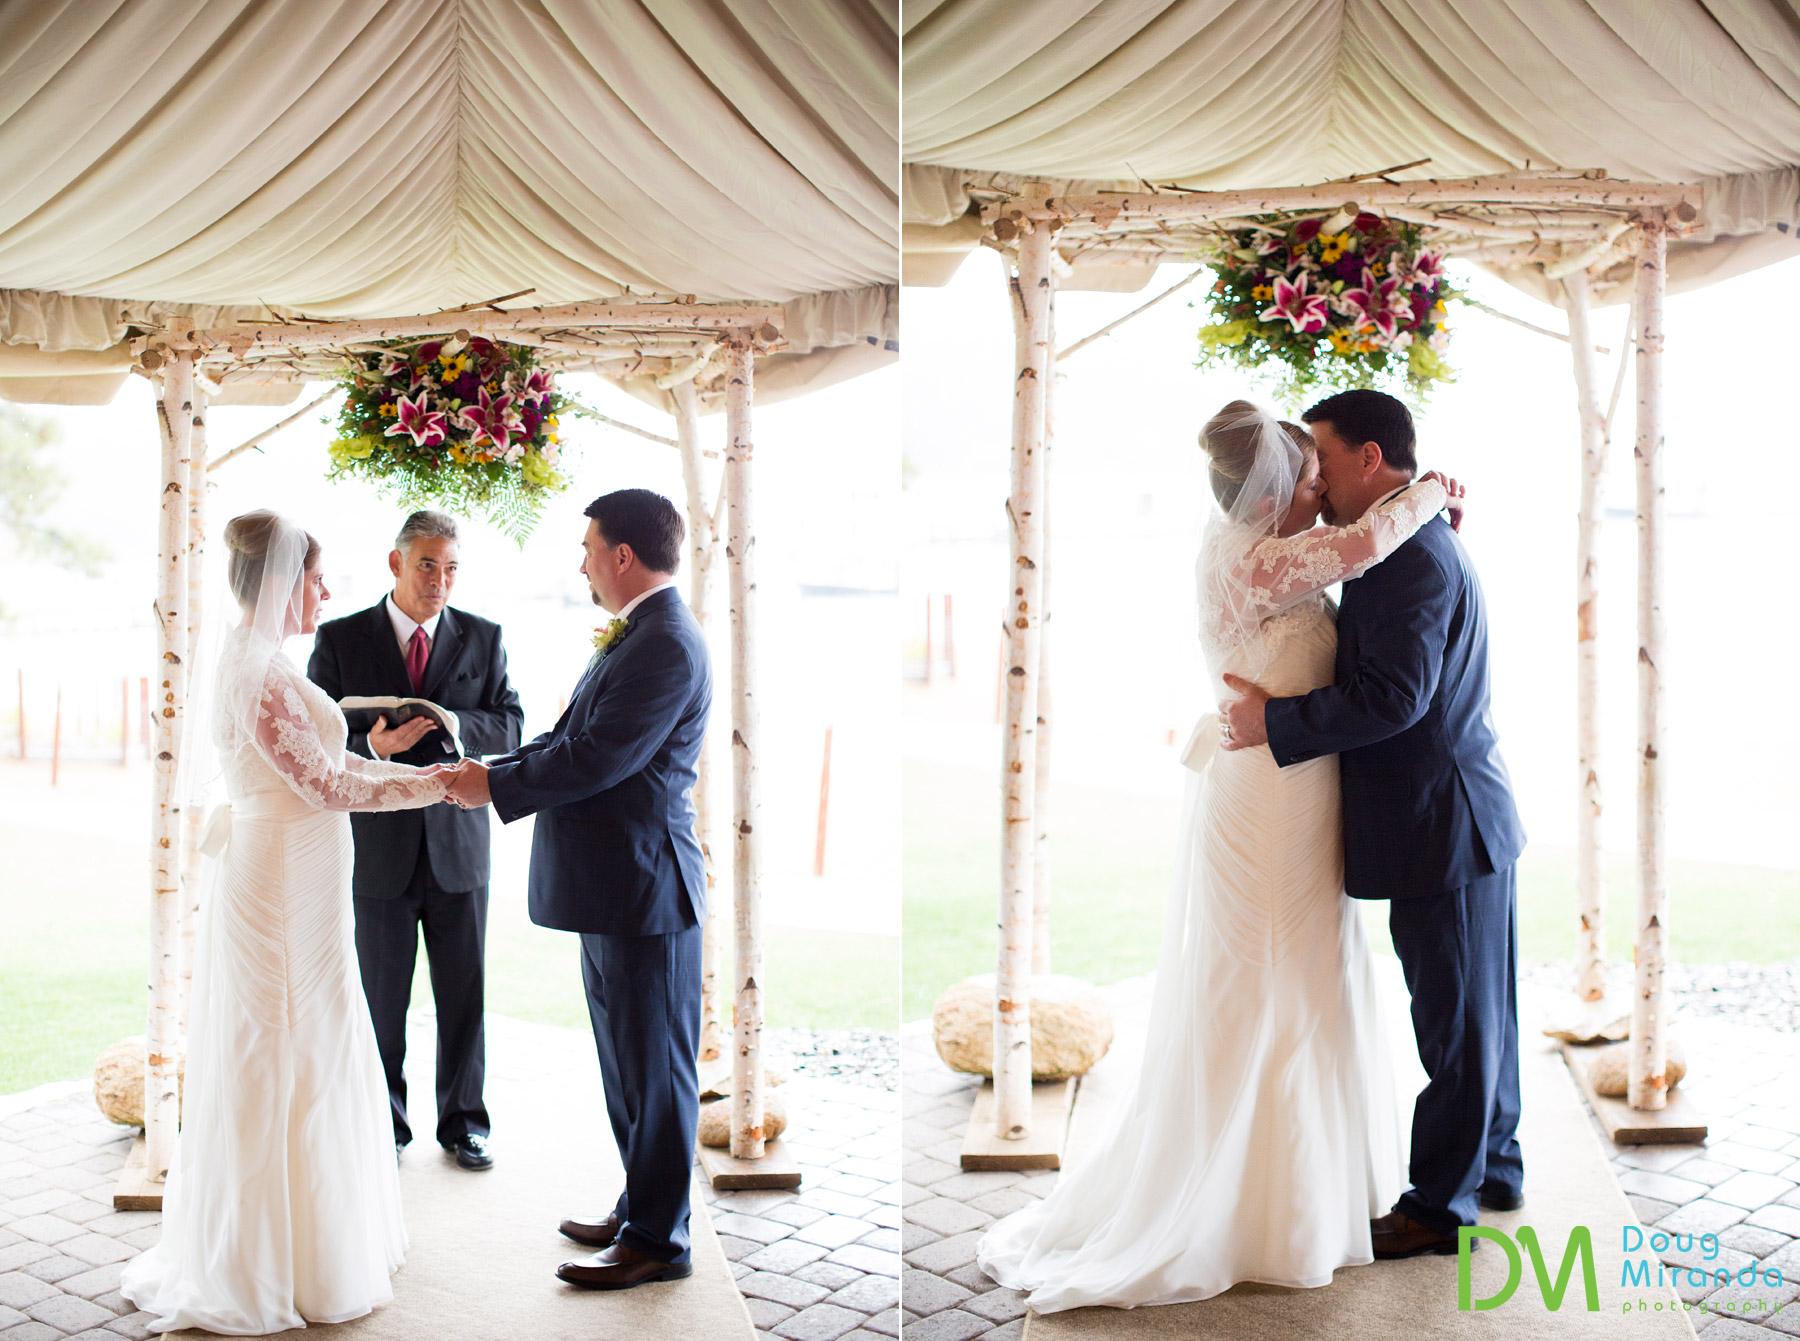 zephyr cove wedding ceremony